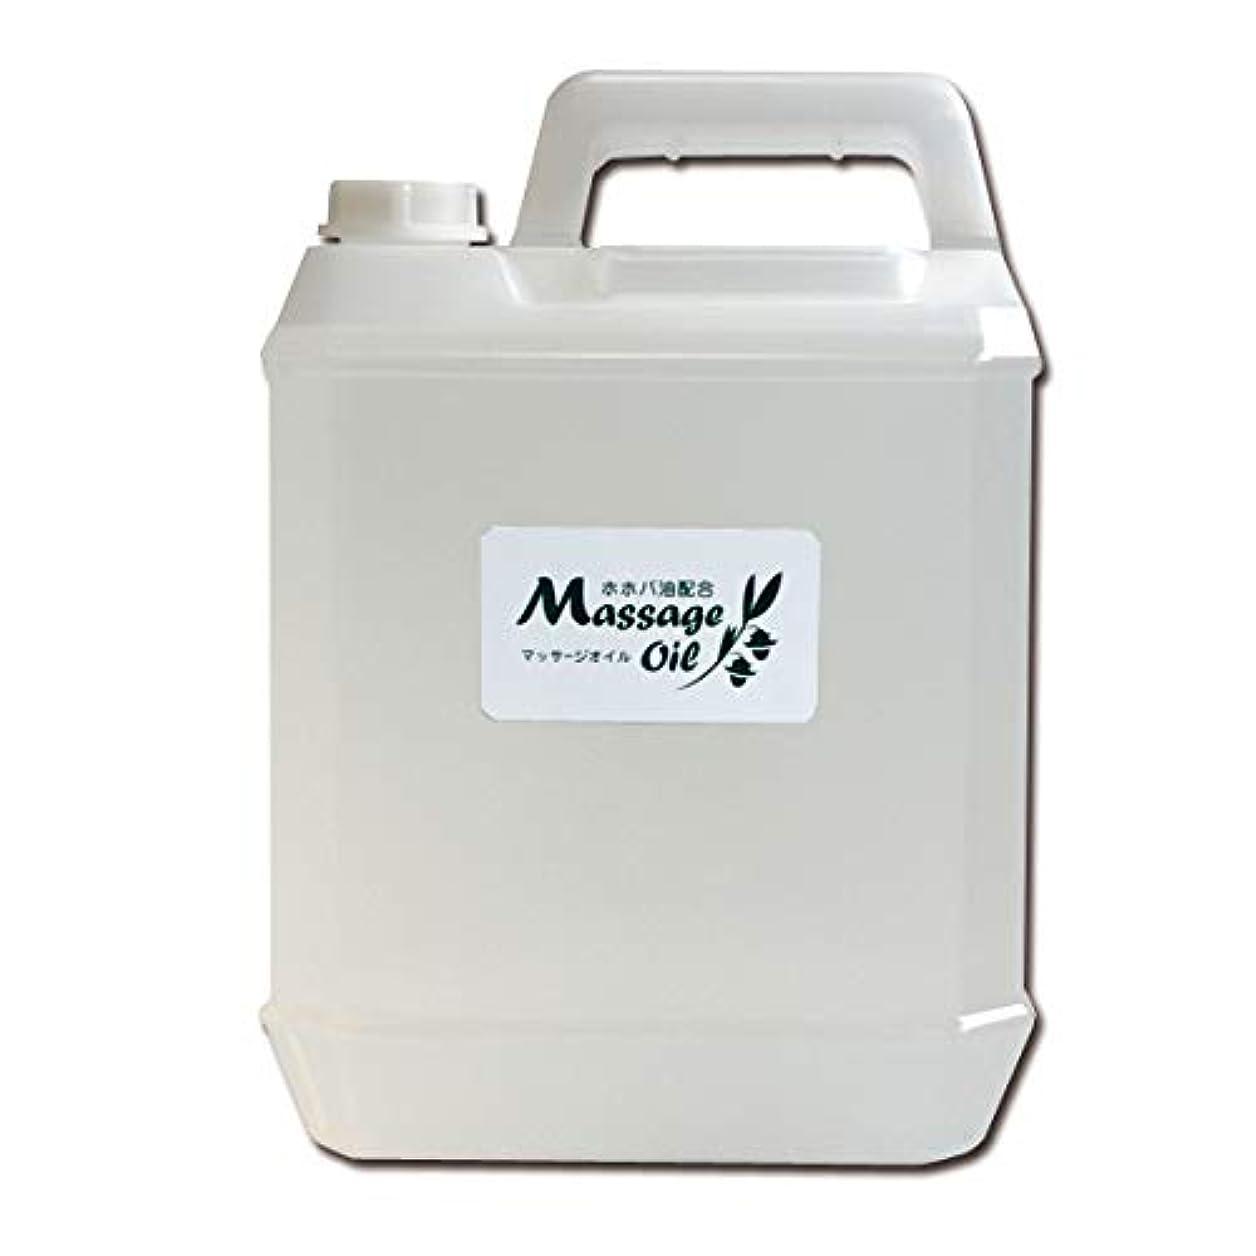 リブ彼らは肉腫ホホバ油配合マッサージオイル 5L│エステ店御用達のプロ仕様業務用マッサージオイル 大容量 ホホバオイル